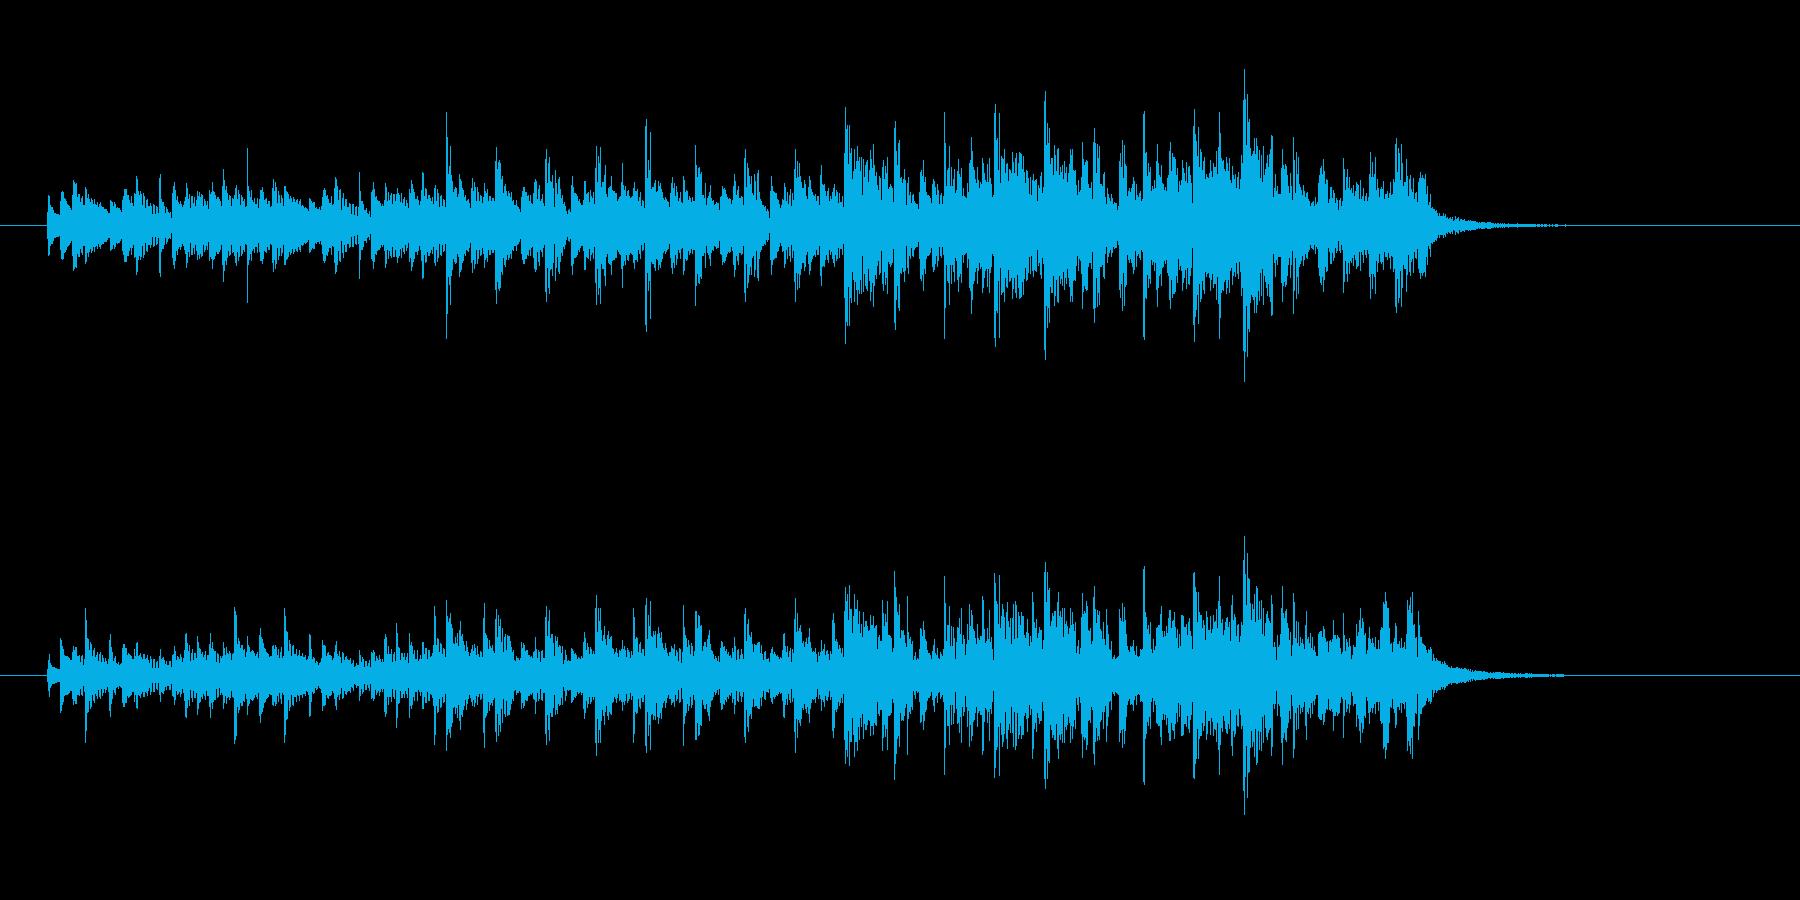 ミニマル系テクノサウンドの再生済みの波形